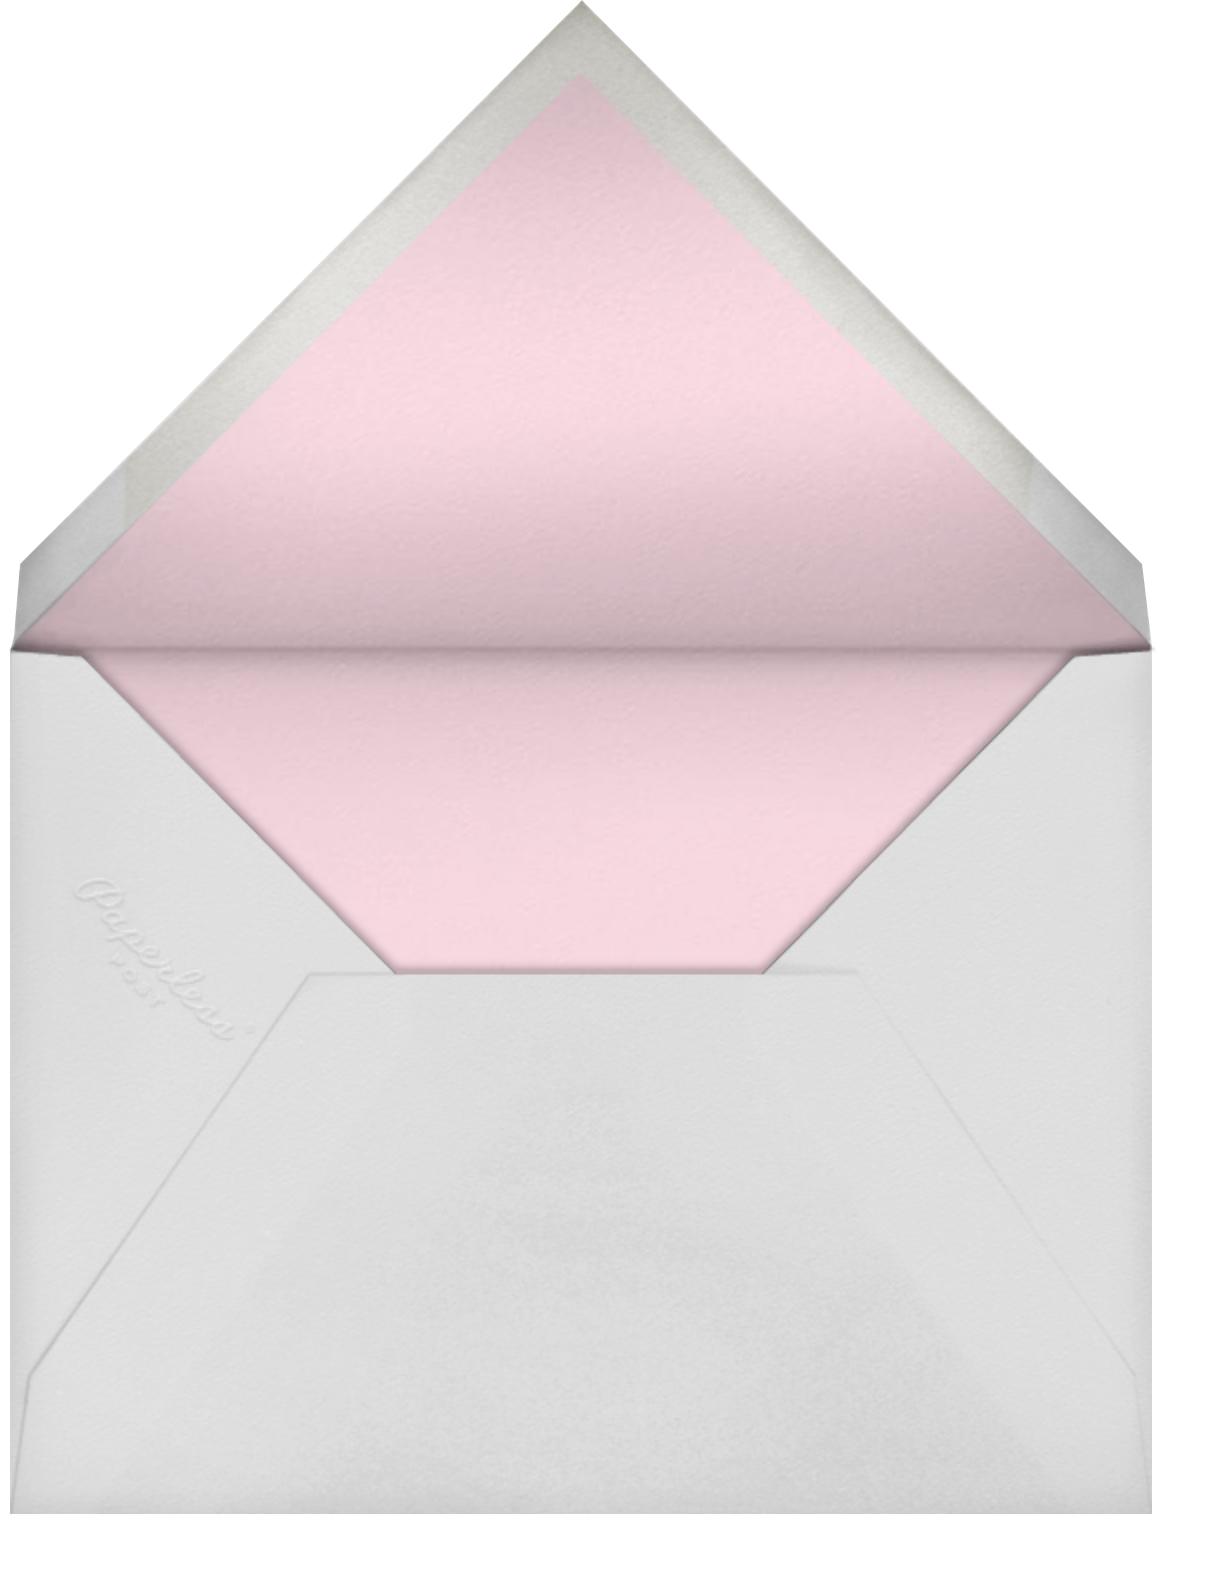 Unikko (Tall) - Antwerp - Marimekko - General entertaining - envelope back